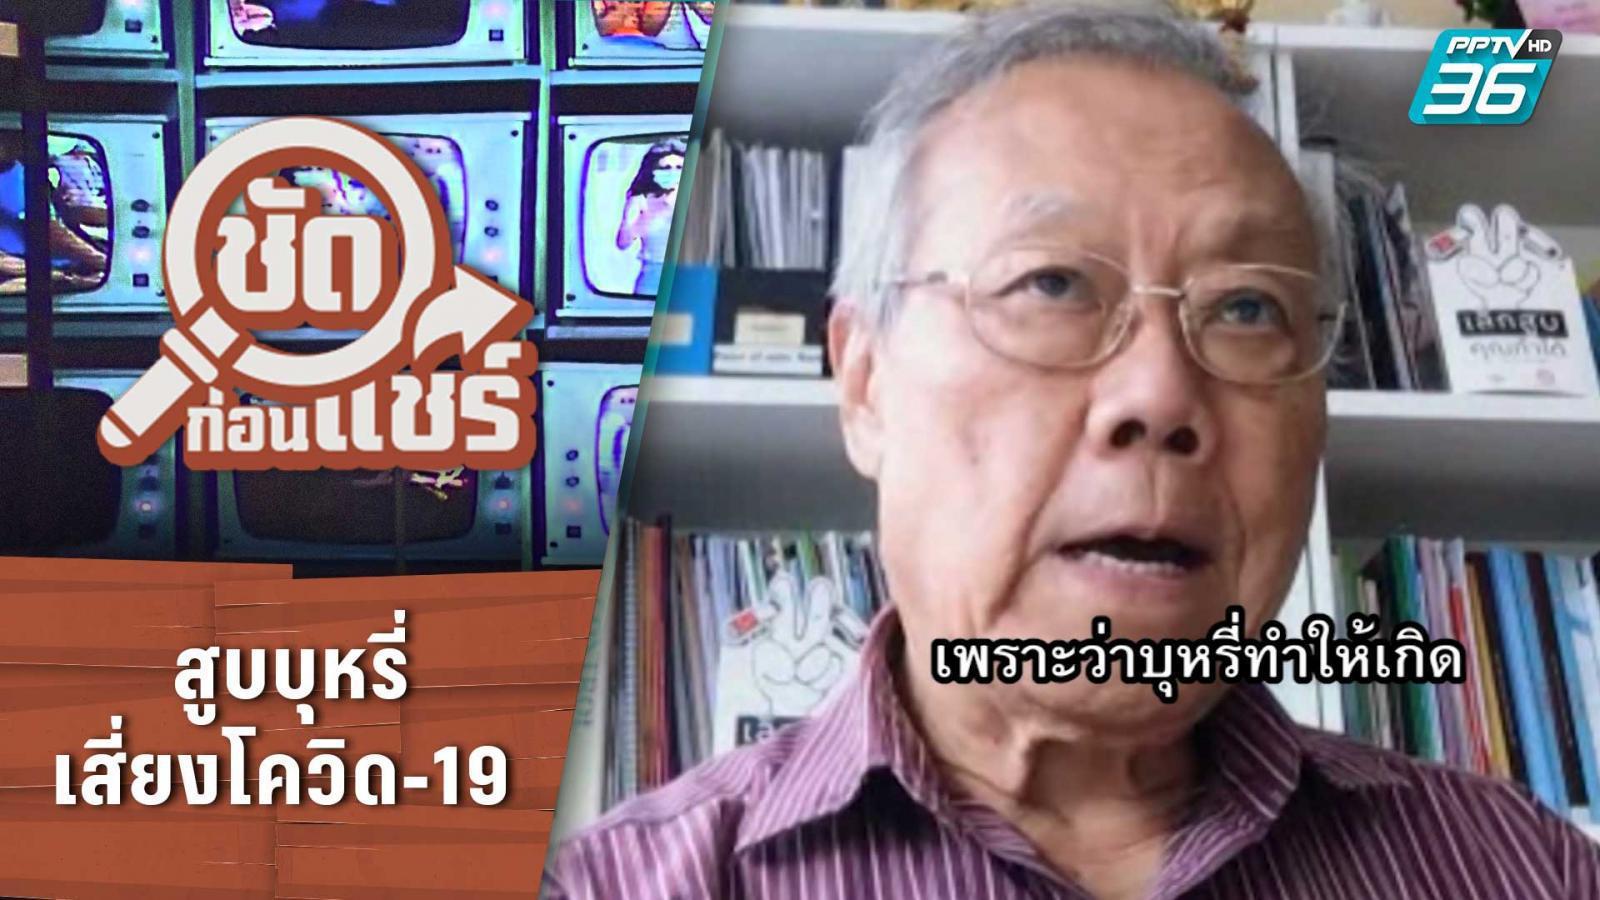 ชัดก่อนแชร์ | สูบบุหรี่เสี่ยงโควิด-19 จริงหรือ? | PPTV HD 36